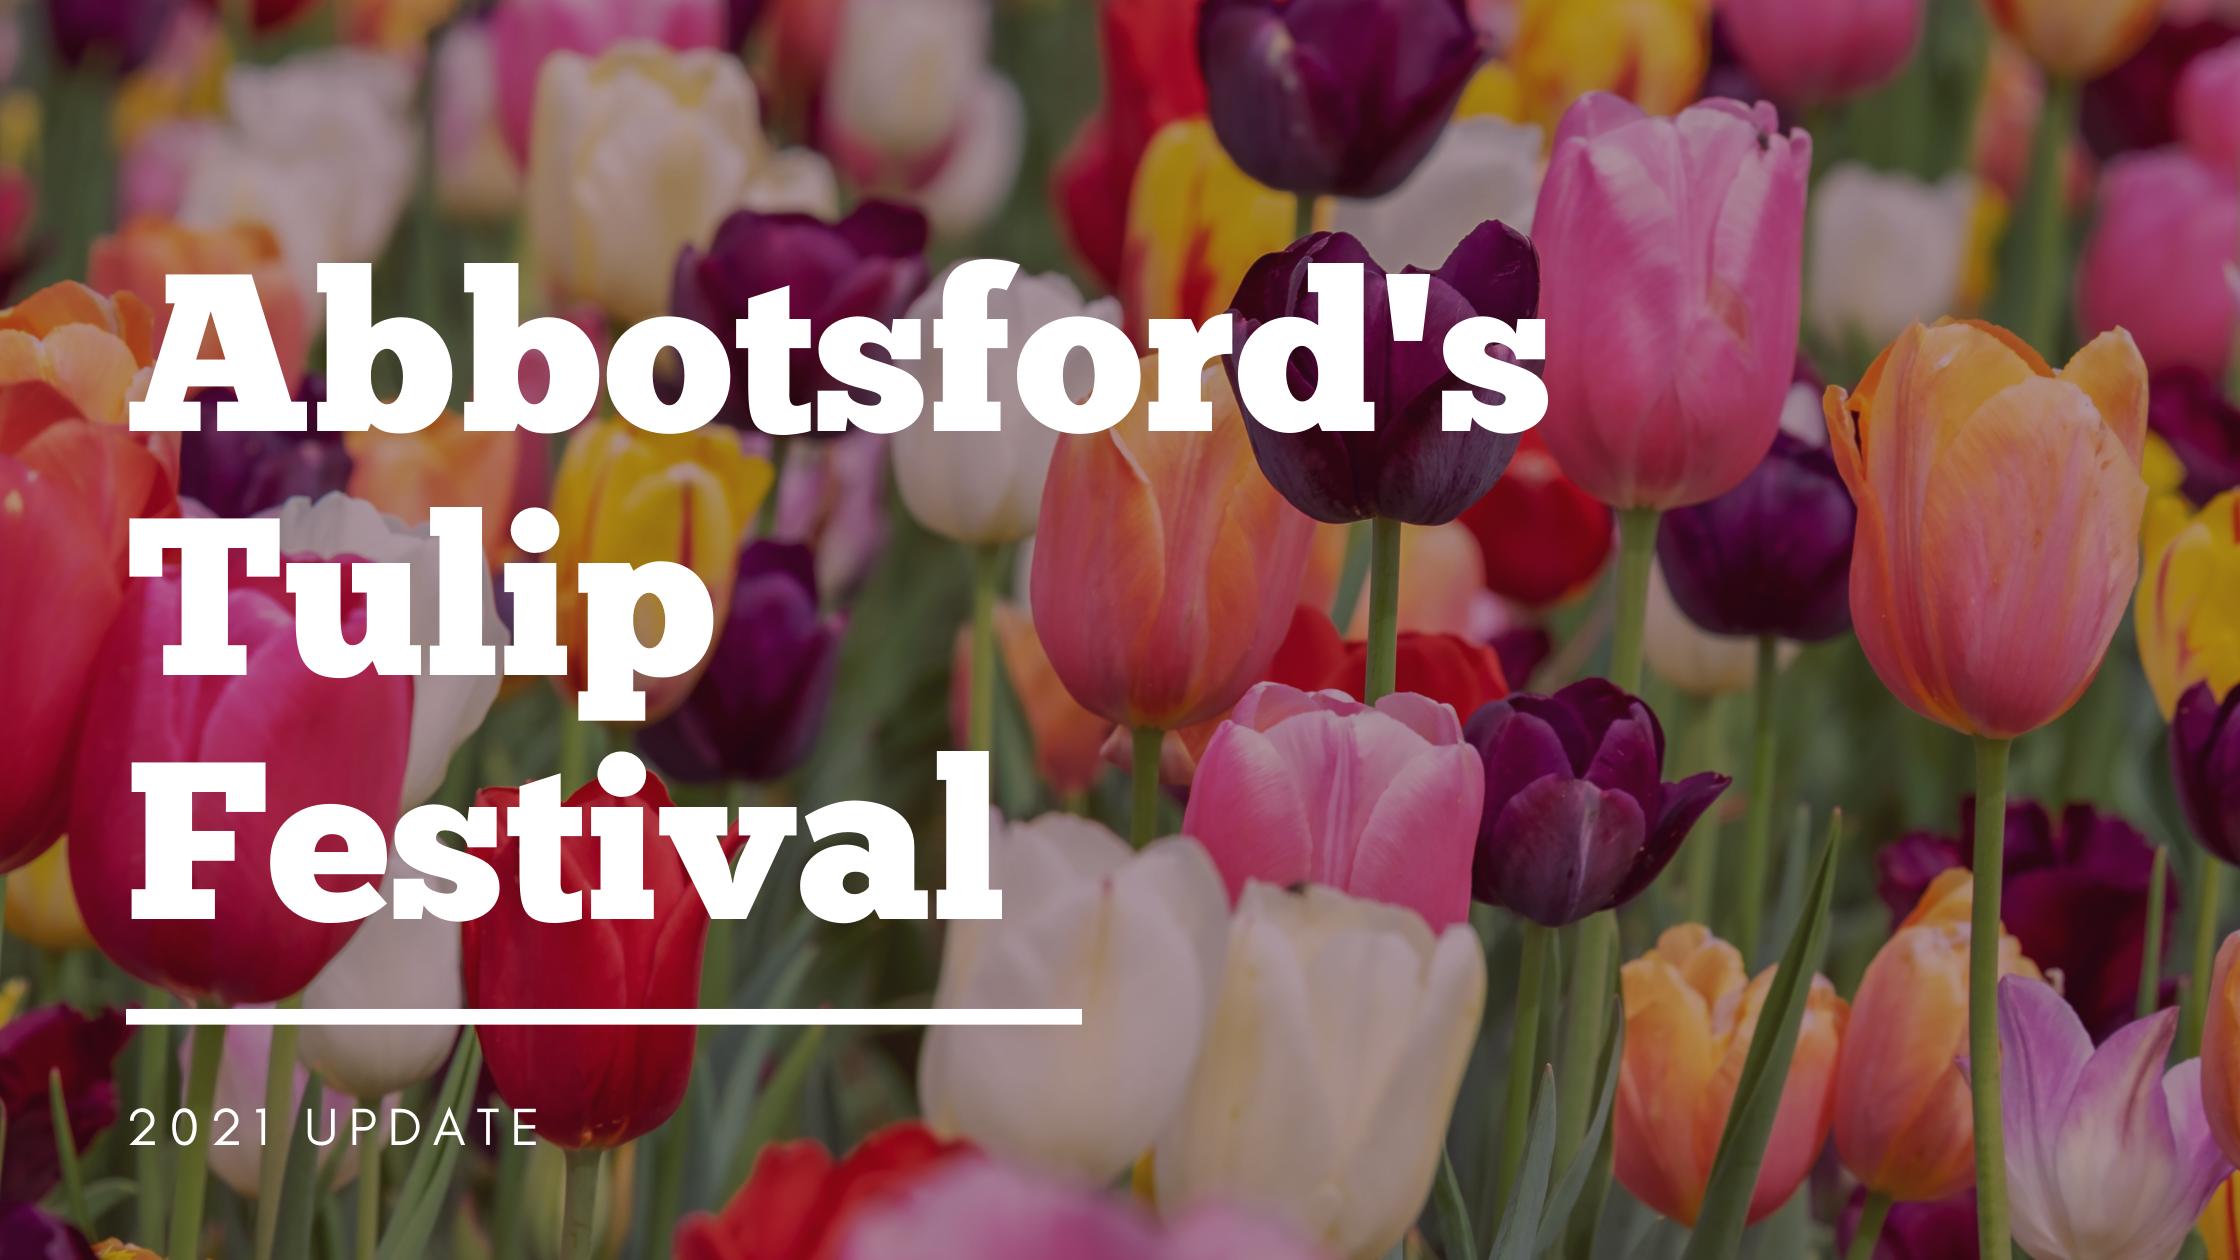 Abbotsford's Tulip Festival